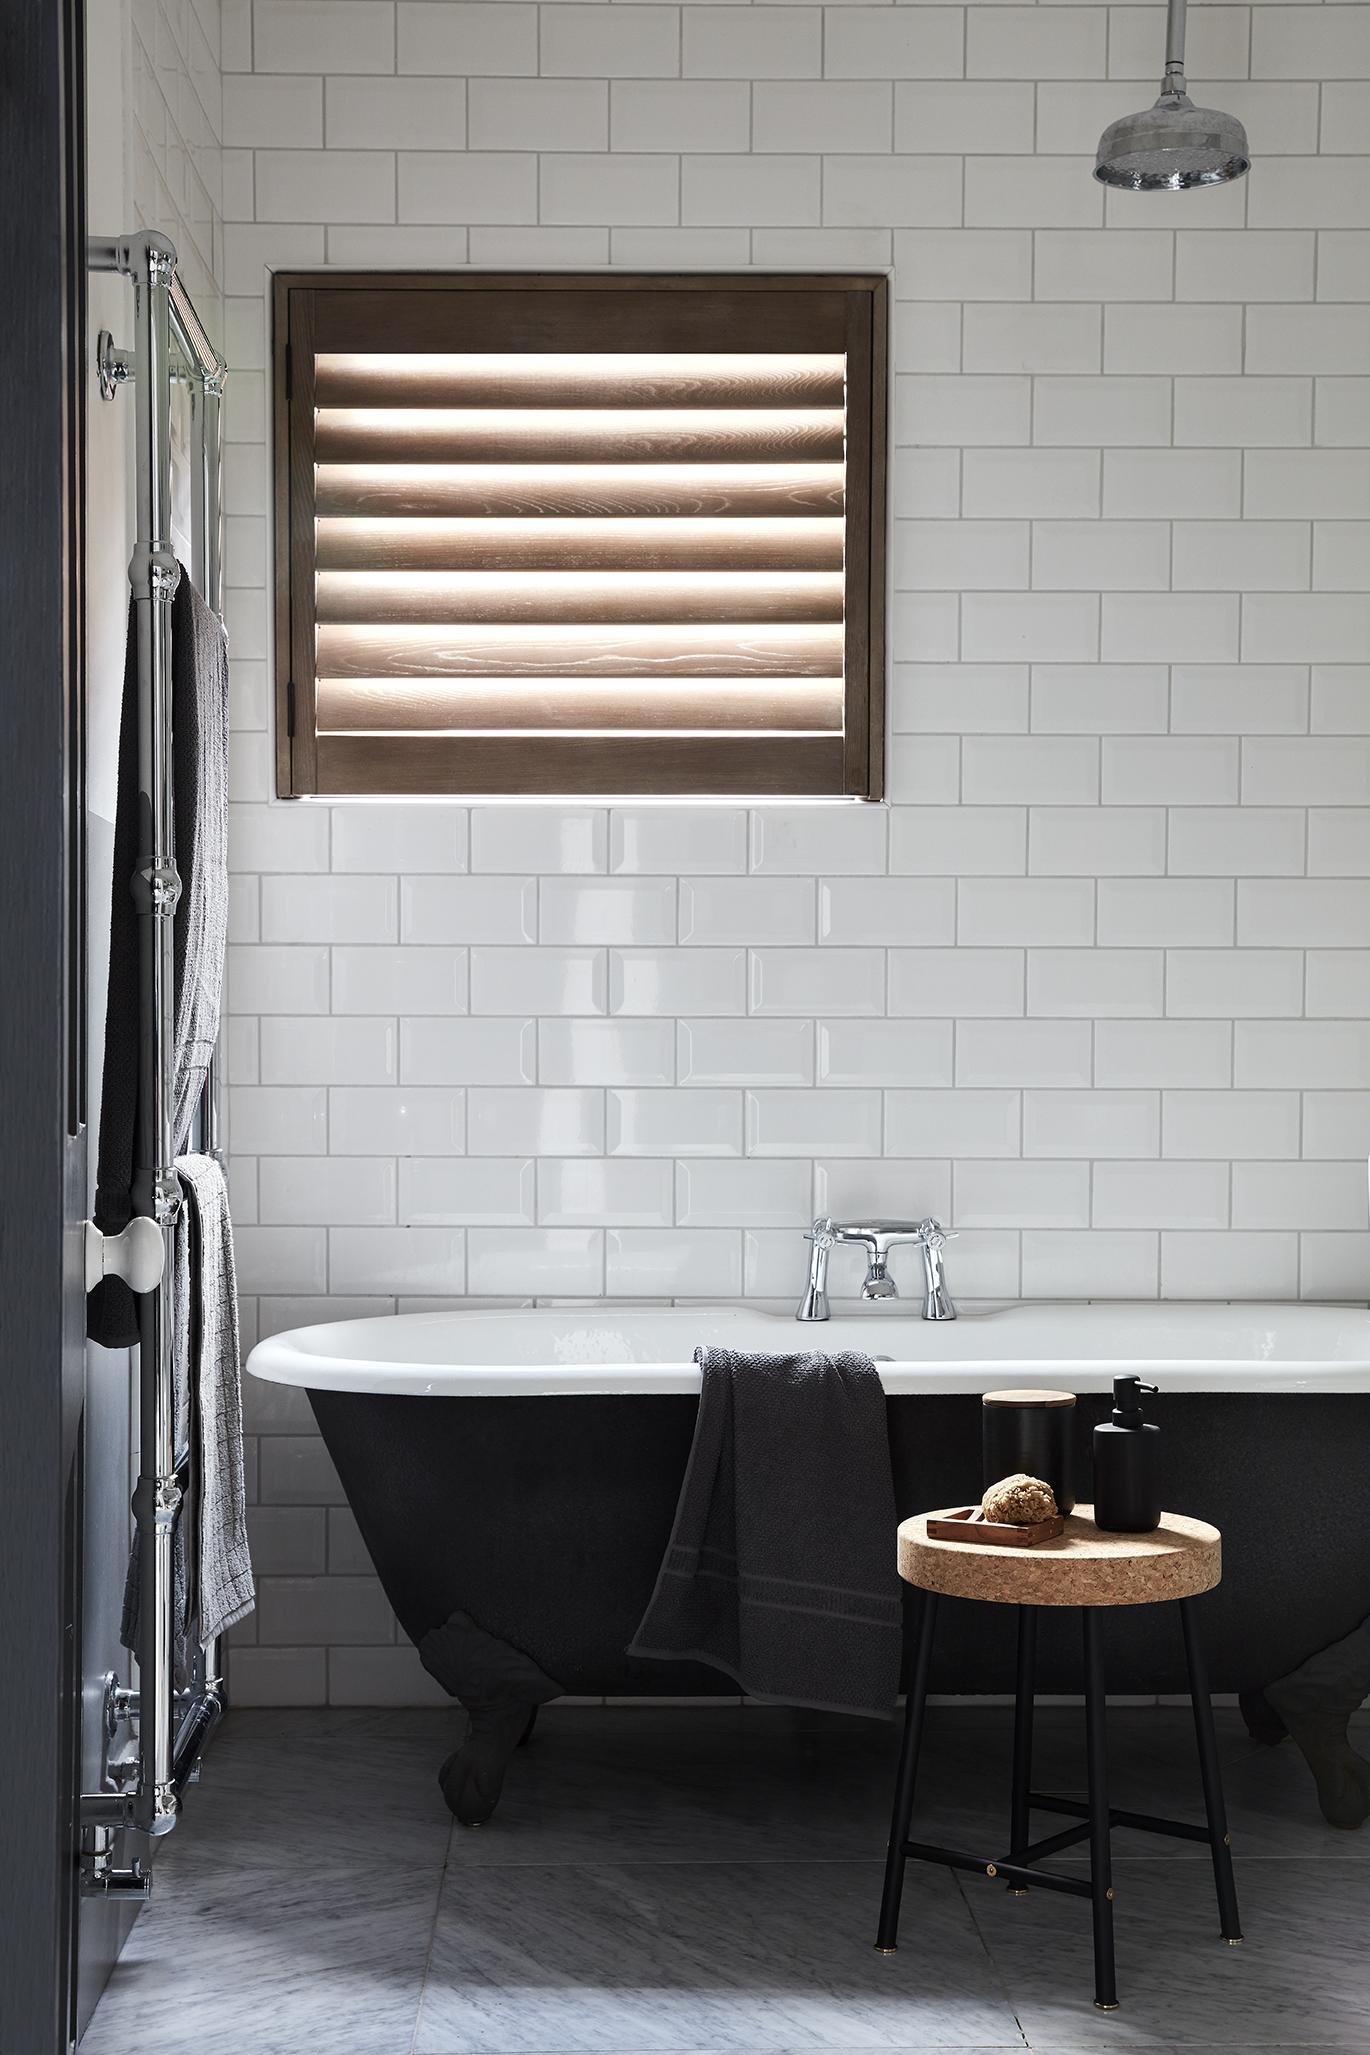 cork bathroom shutters by Shutterly Fabulous